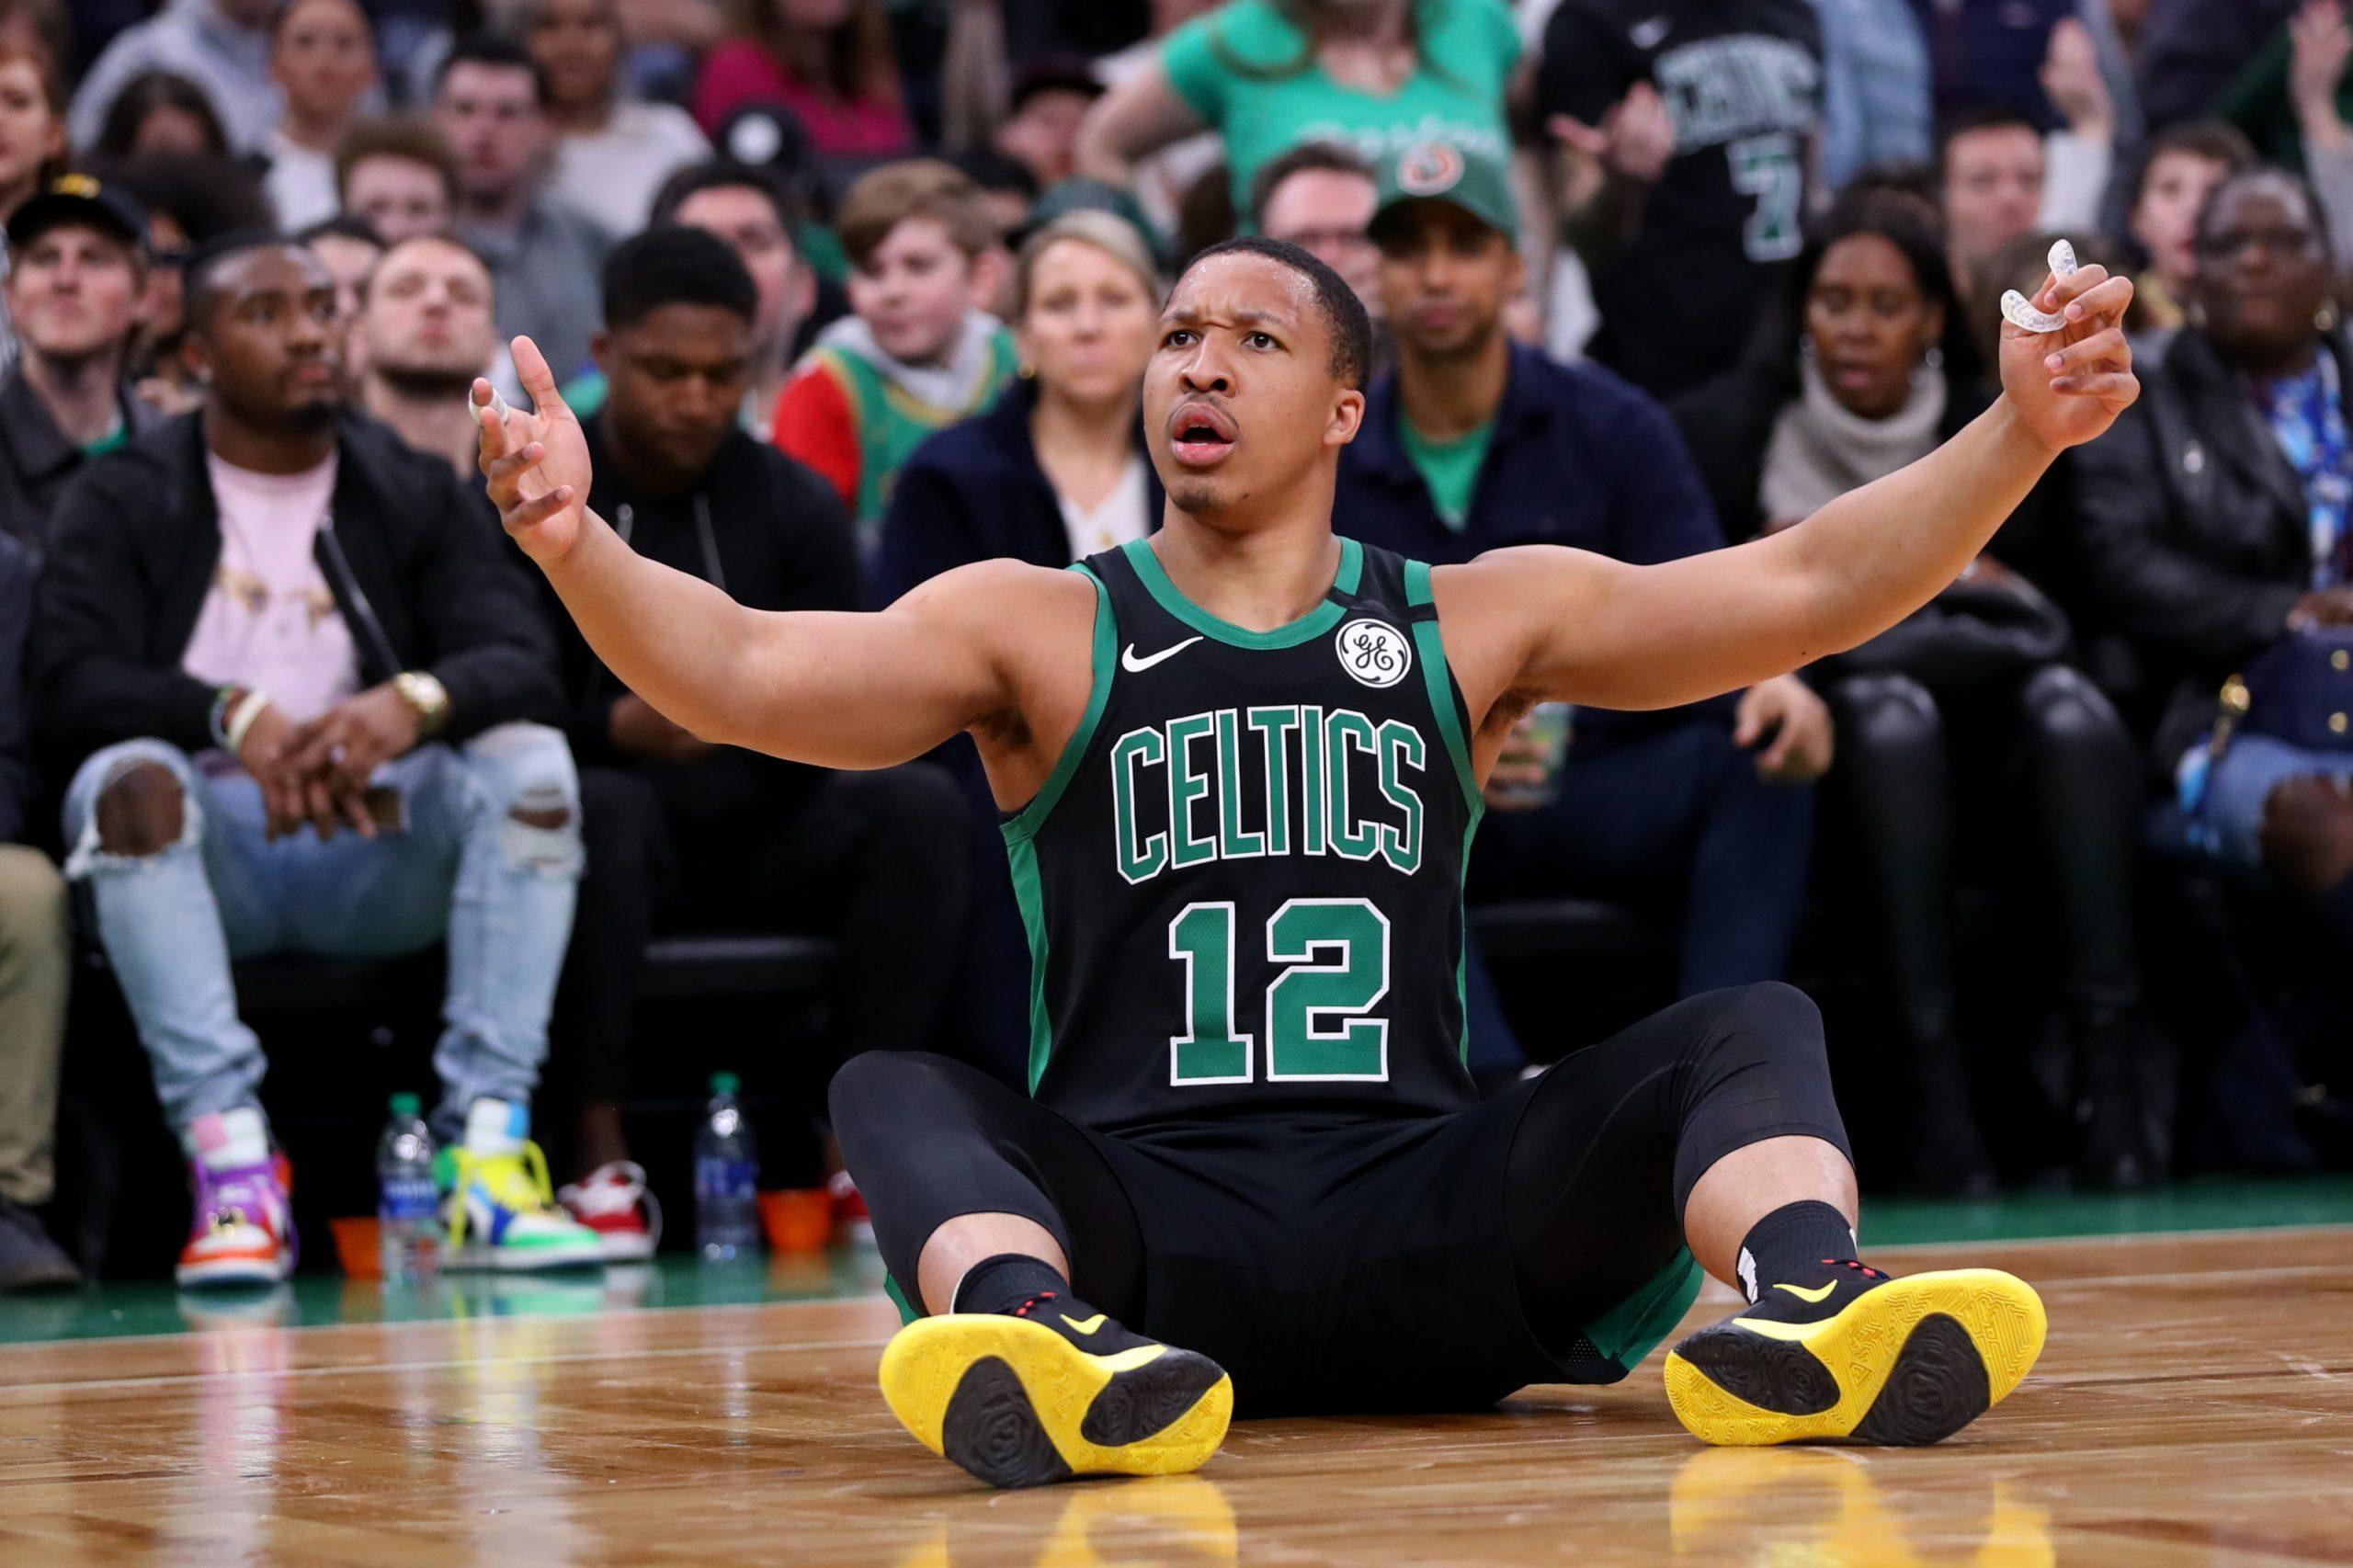 Celtics Sophomores